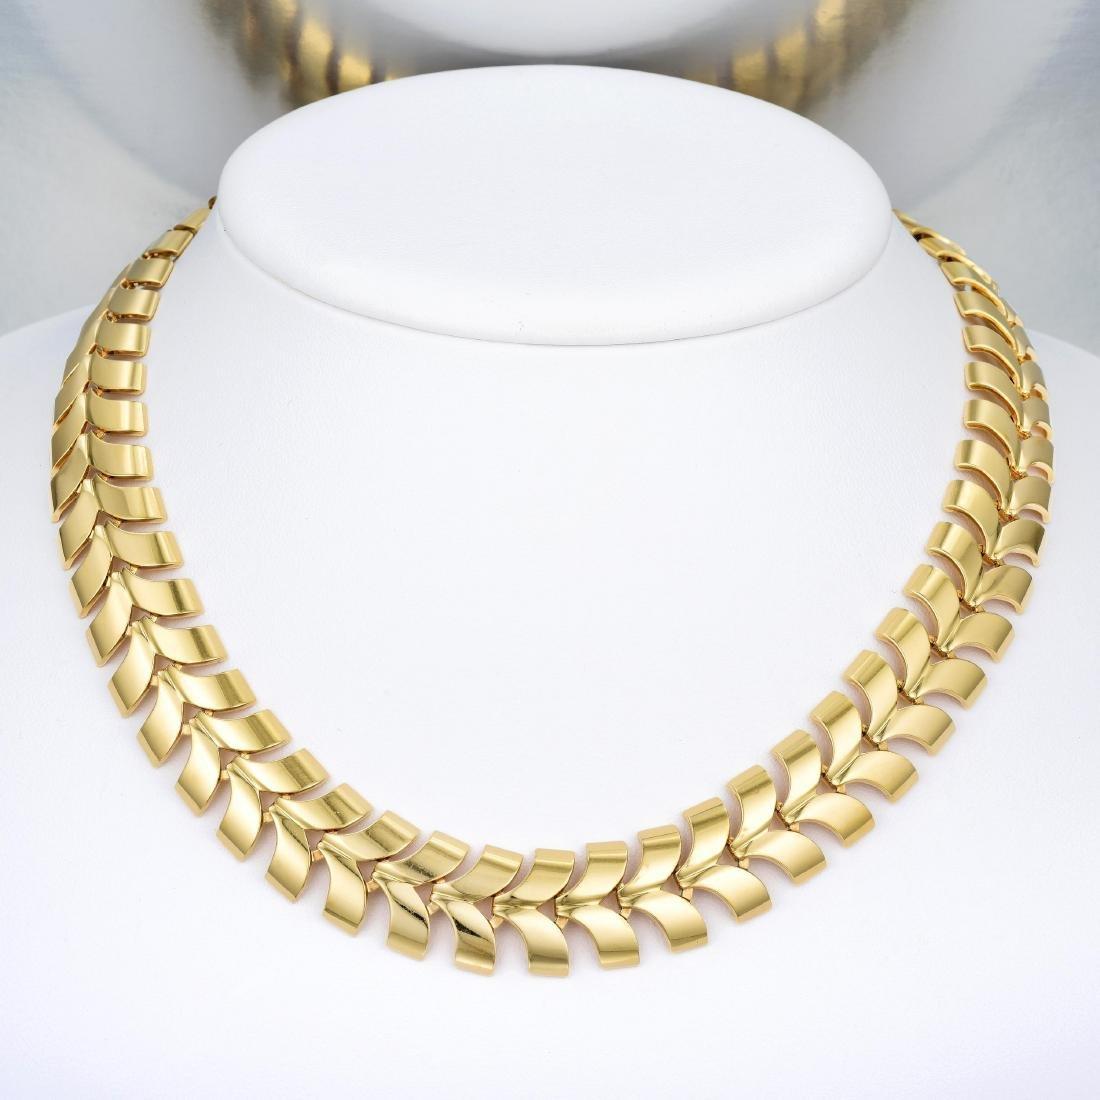 Tiffany & Co. Gold Necklace and Bracelet Set - 6